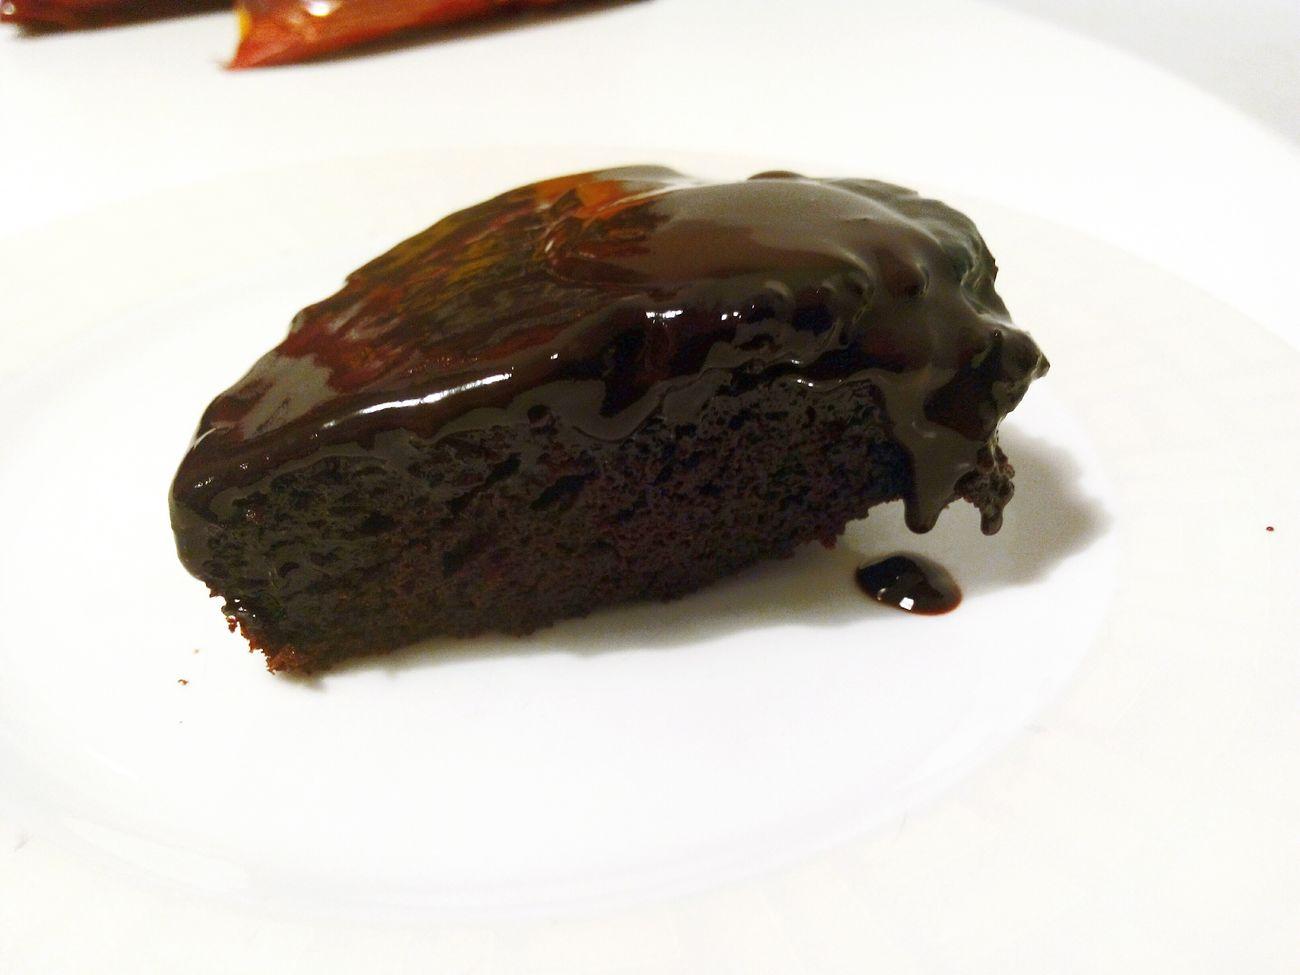 Brownies Yummie MadebyMe ☝✌ Ilovecooking Yeeeeeehaaaaaaaa